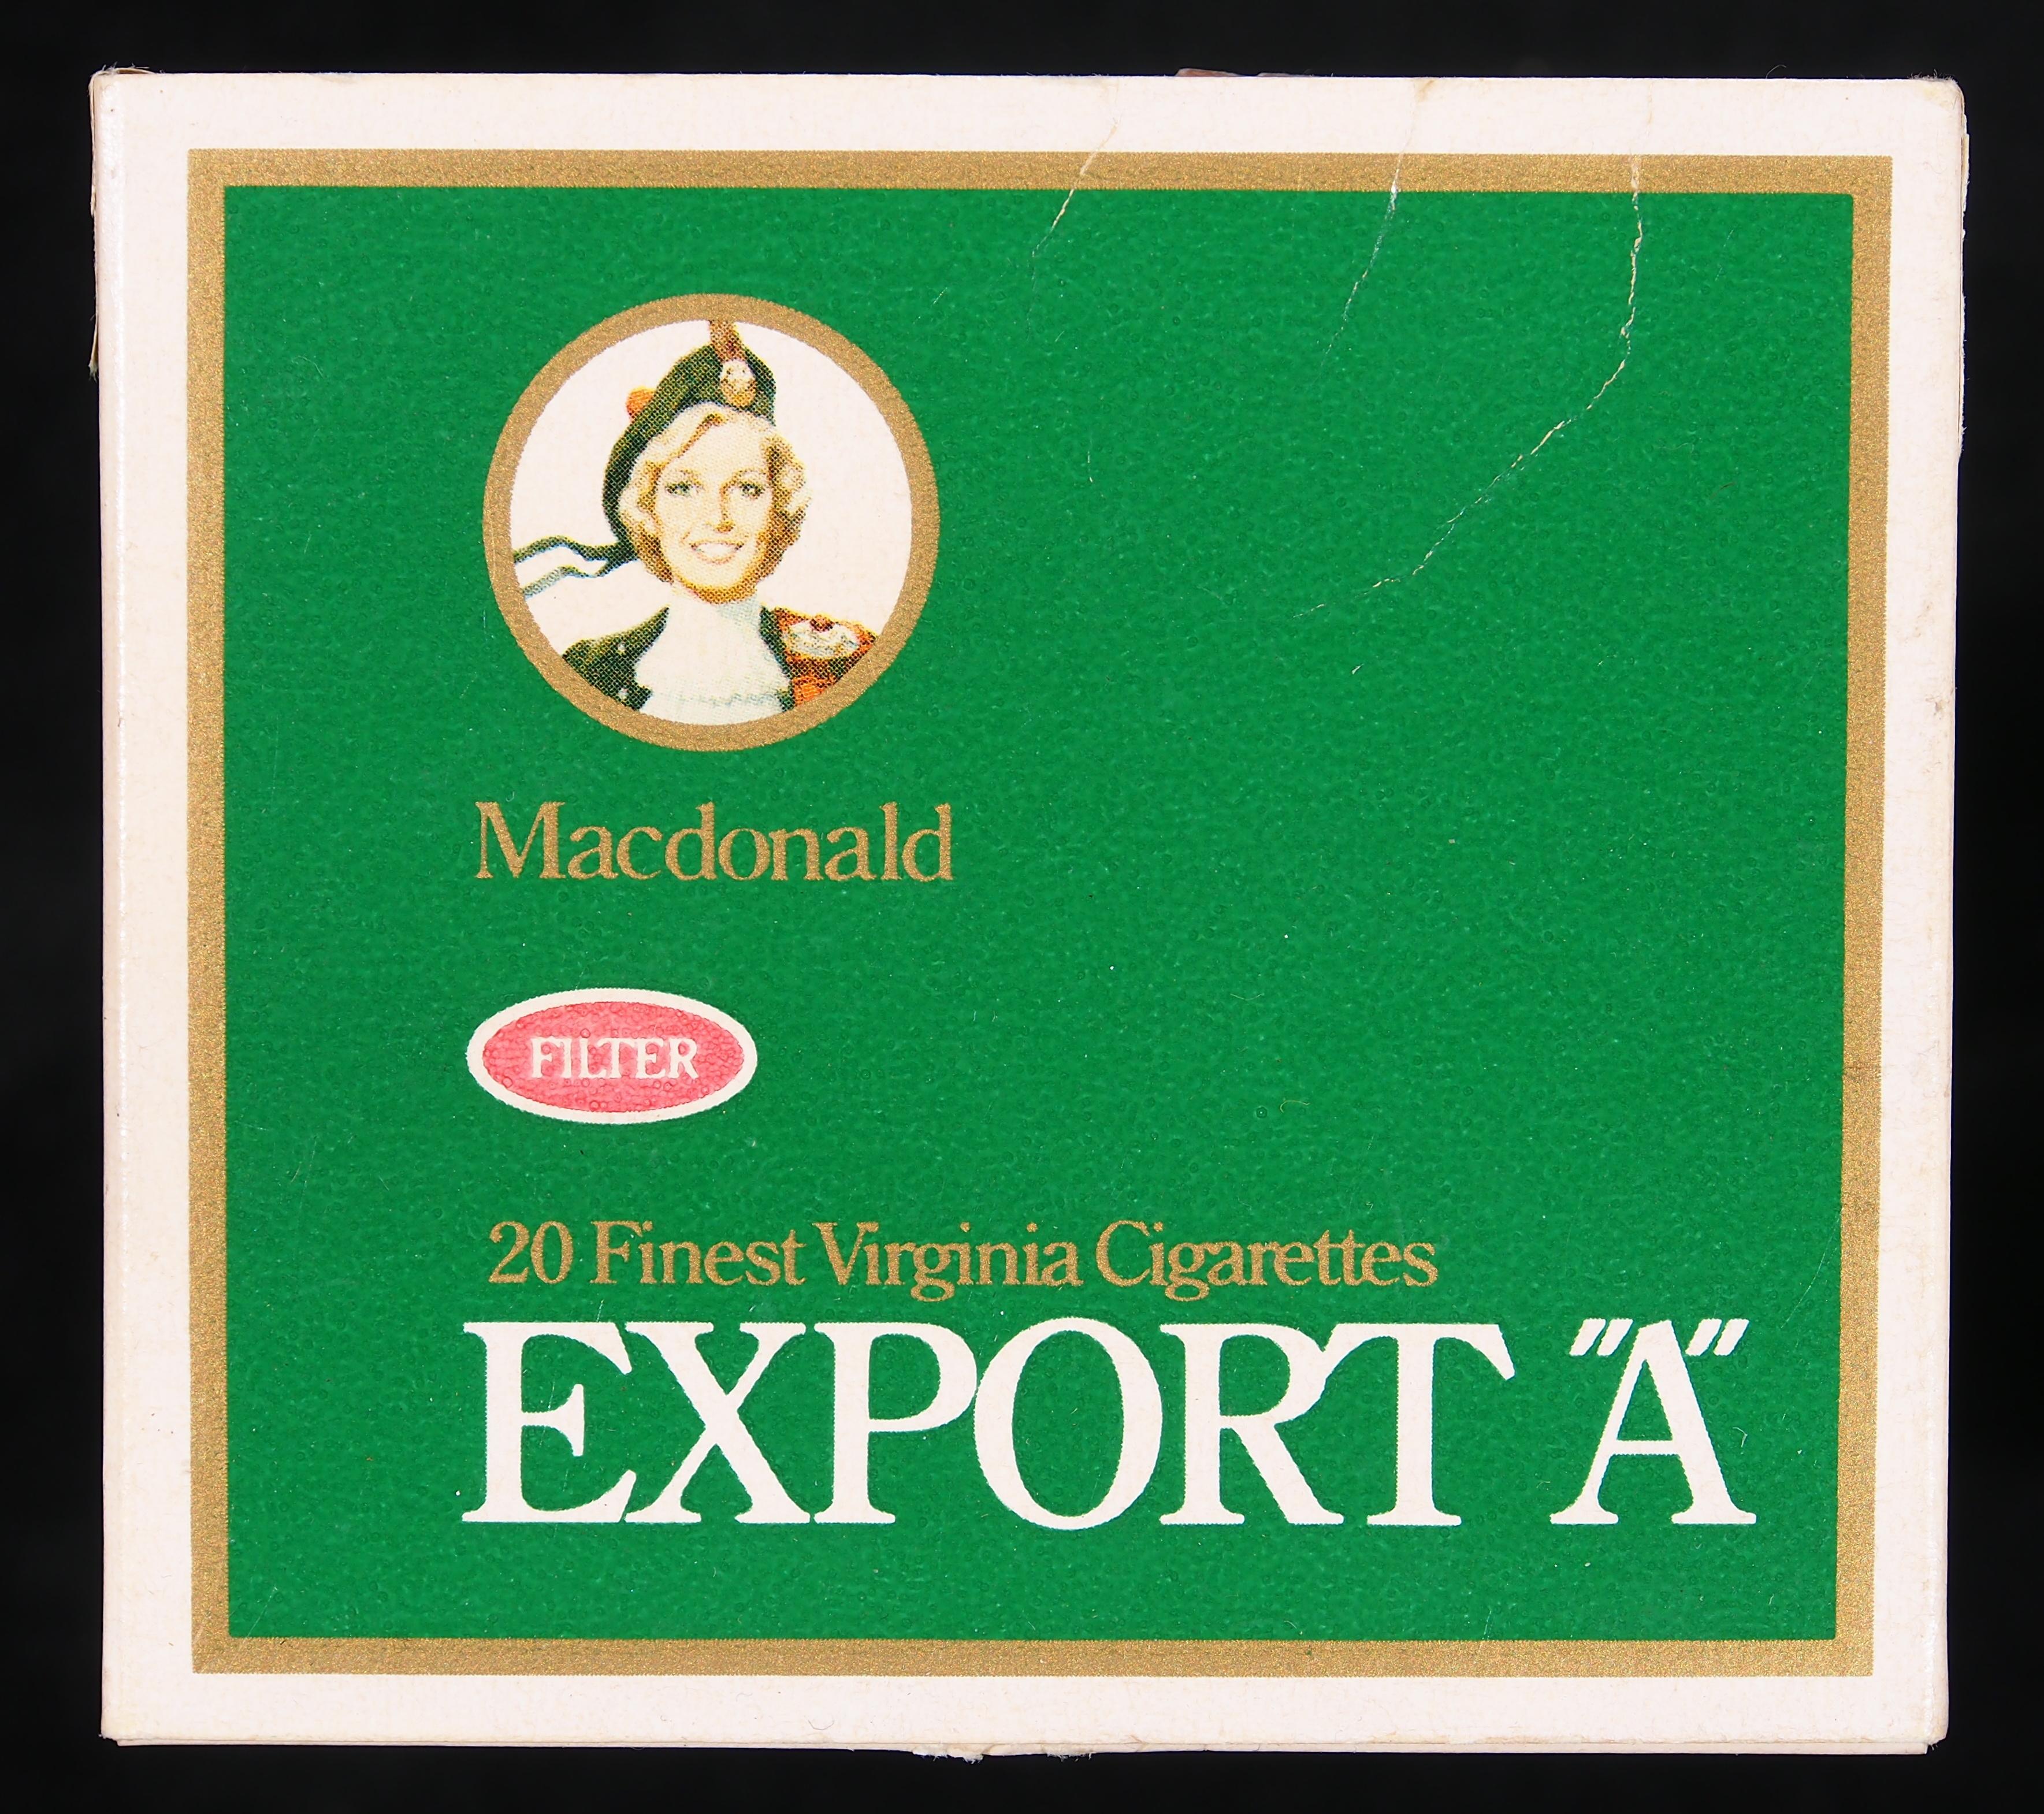 Export_A_cigarettes,_pic1.JPG